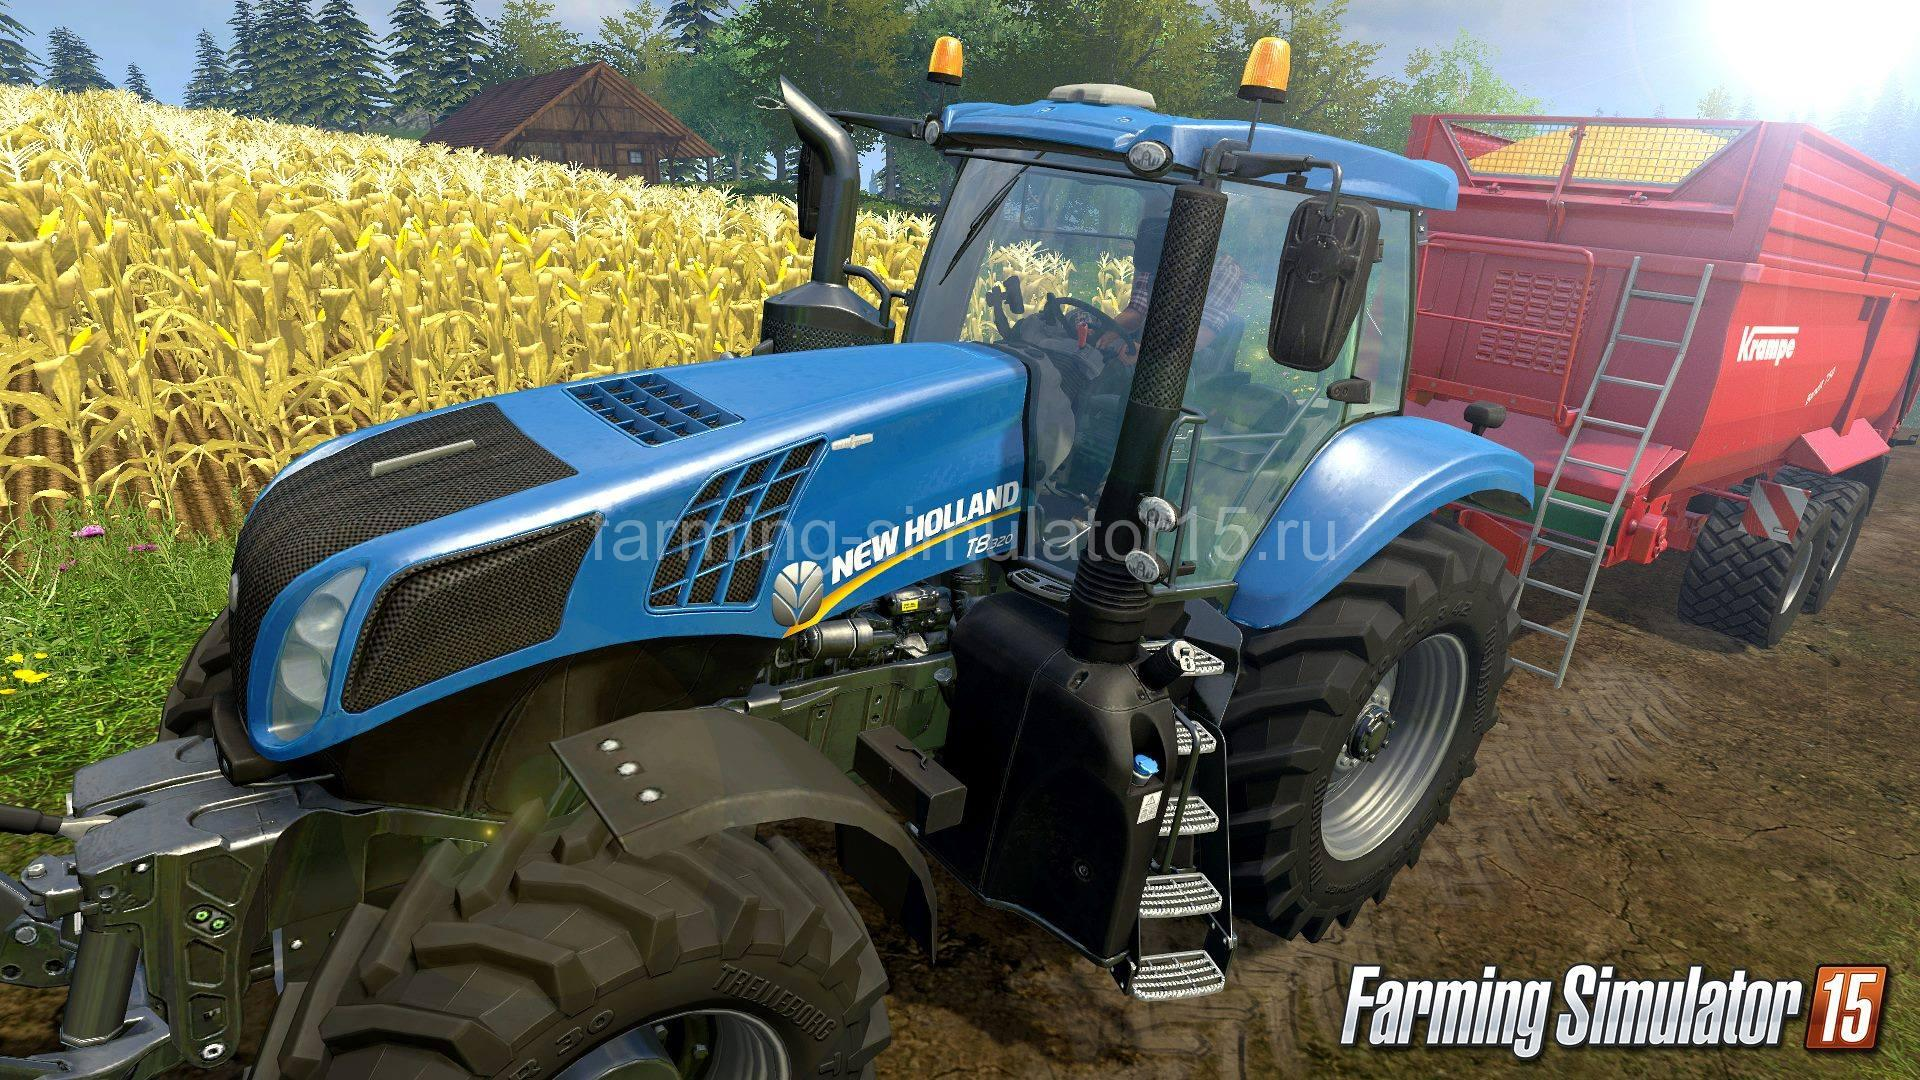 Farming Simulator 15 - Официальный пресс-релиз